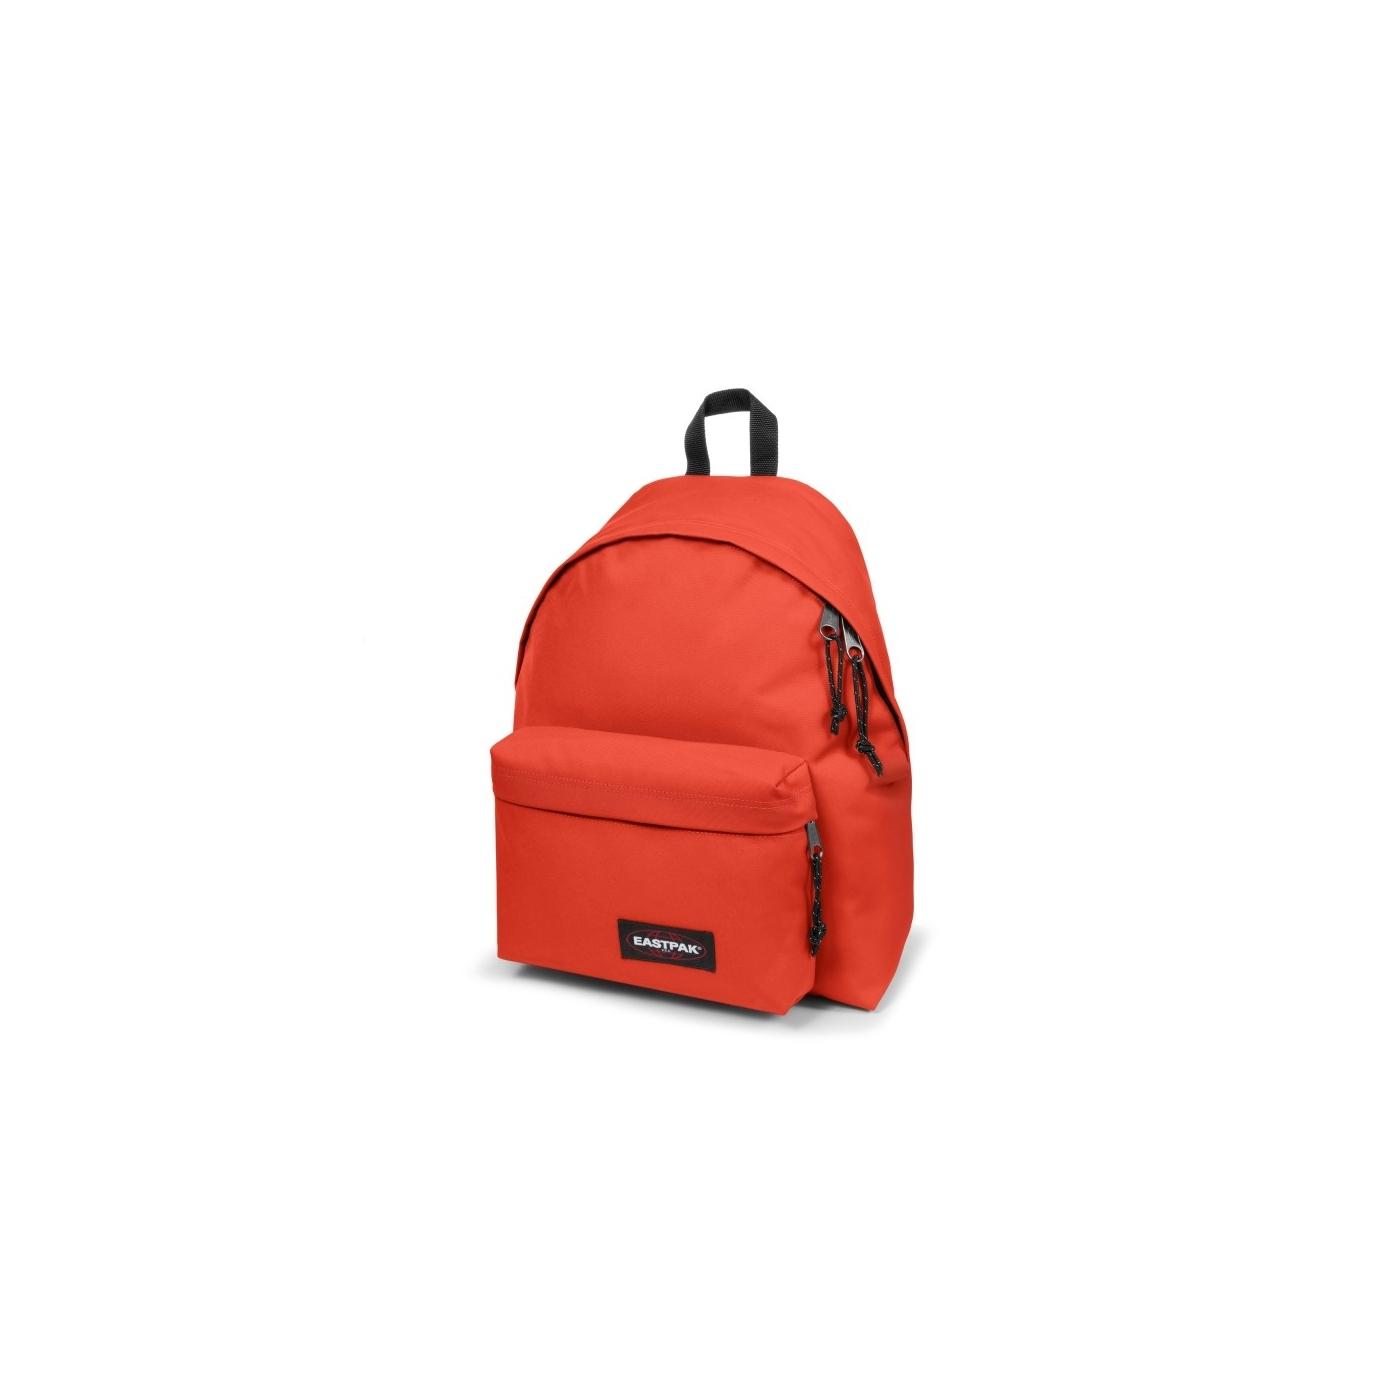 285a4e8a5e Sac à Dos Eastpak Padded Pak'r Blind Orange | Alltricks.com